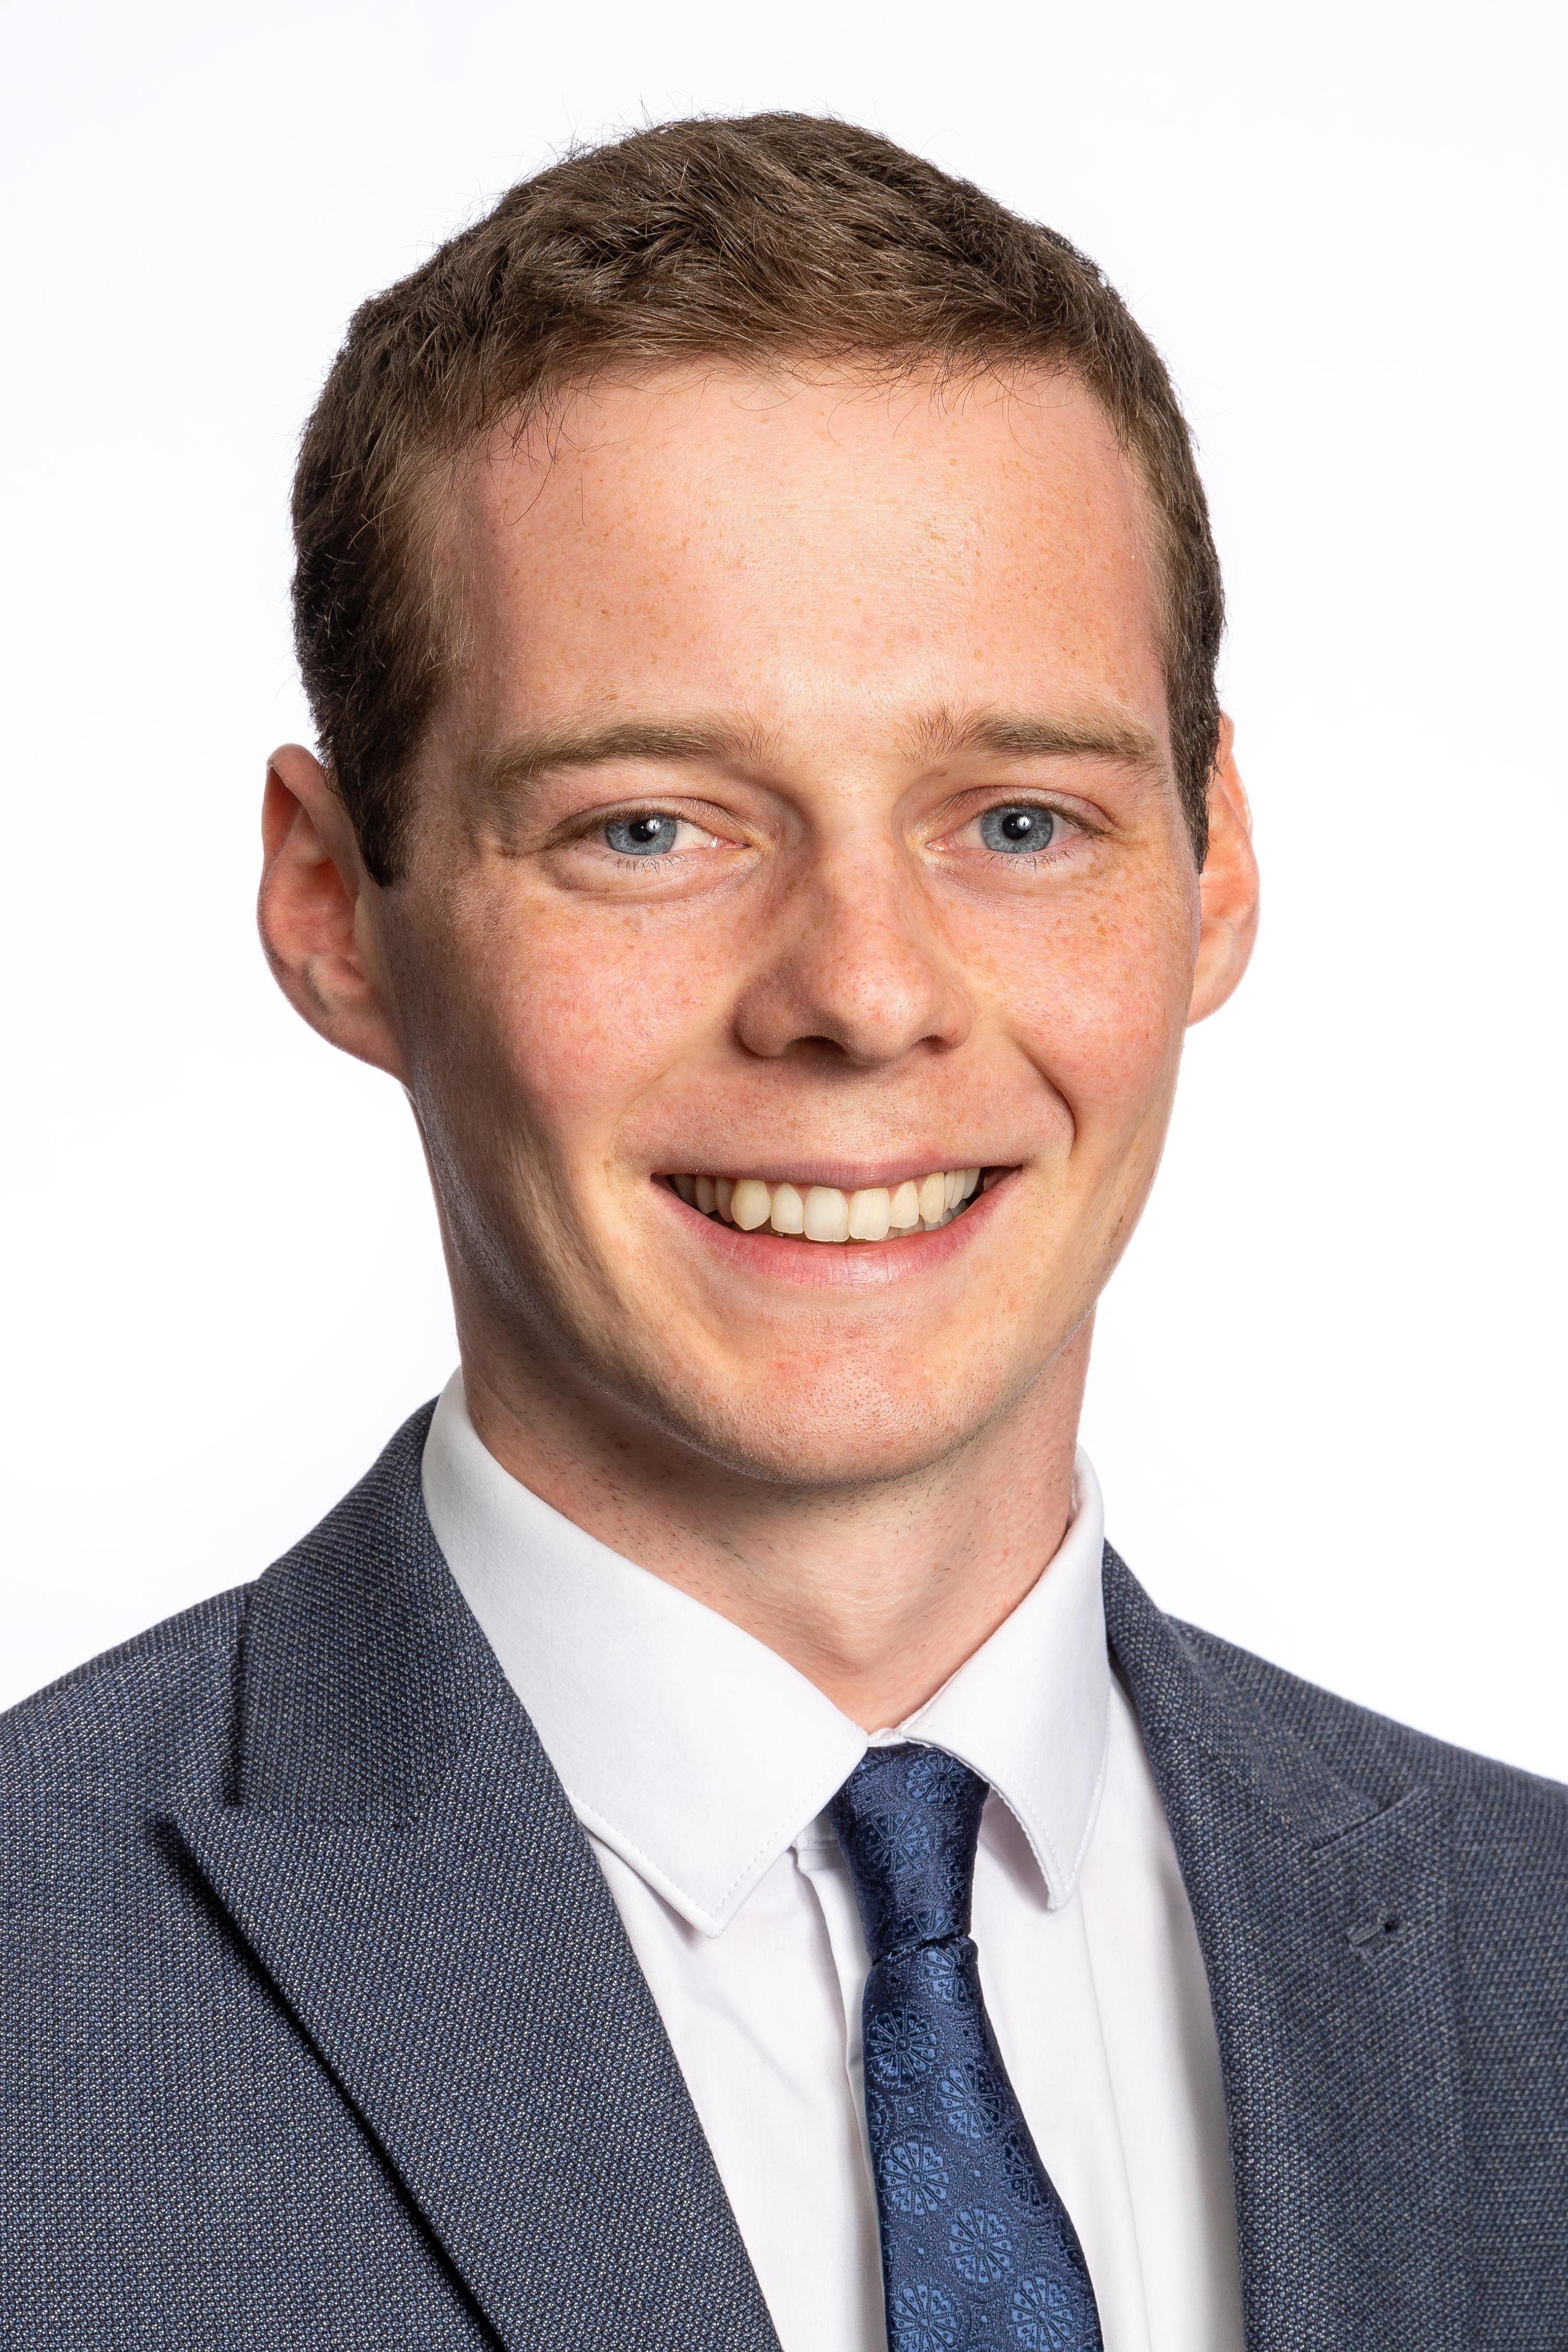 Ross Stephen